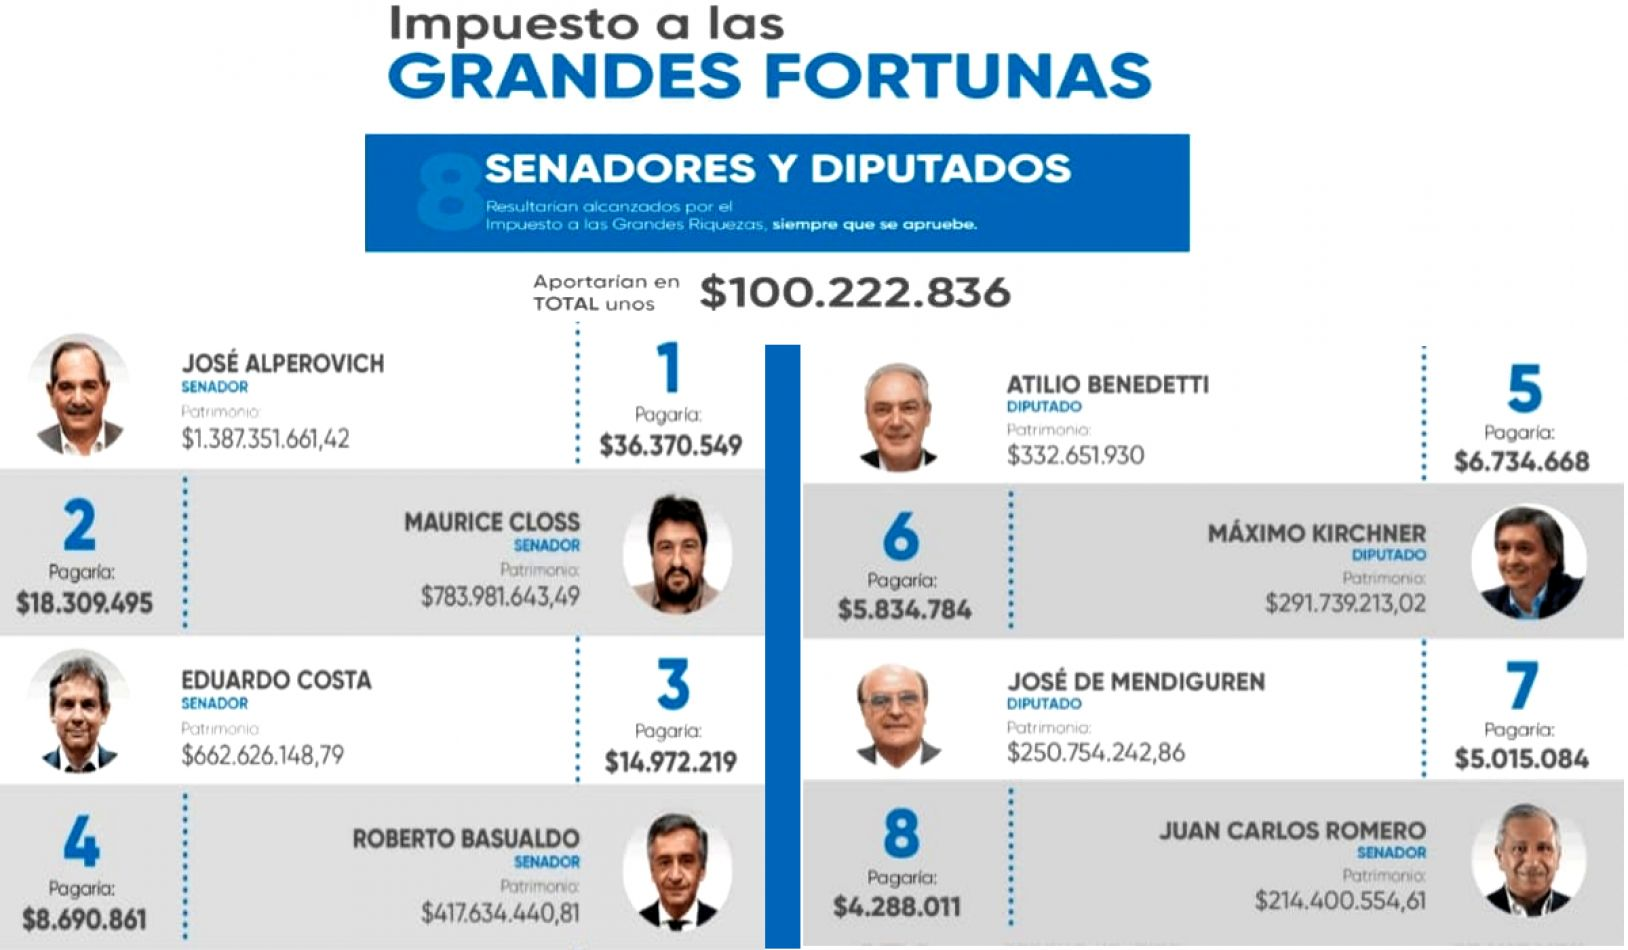 Impuesto a las grandes fortunas: los 8 legisladores alcanzados por el proyecto de ley